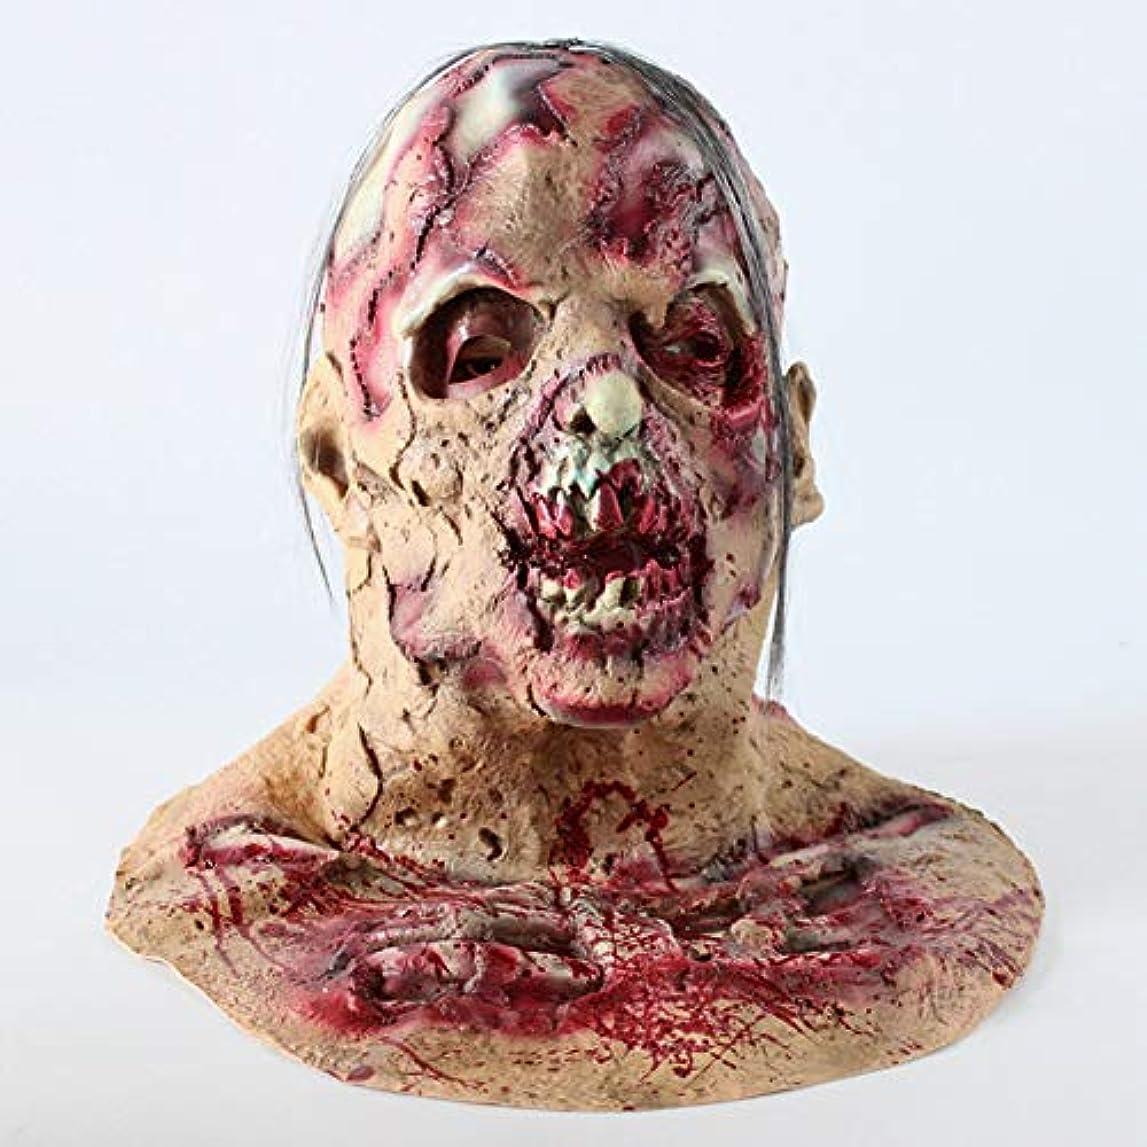 彼女のフック過度のハロウィーンホラーマスク、嫌なゾンビマスク、バイオハザードヘッドマスク、パーティー仮装ラテックスマスク